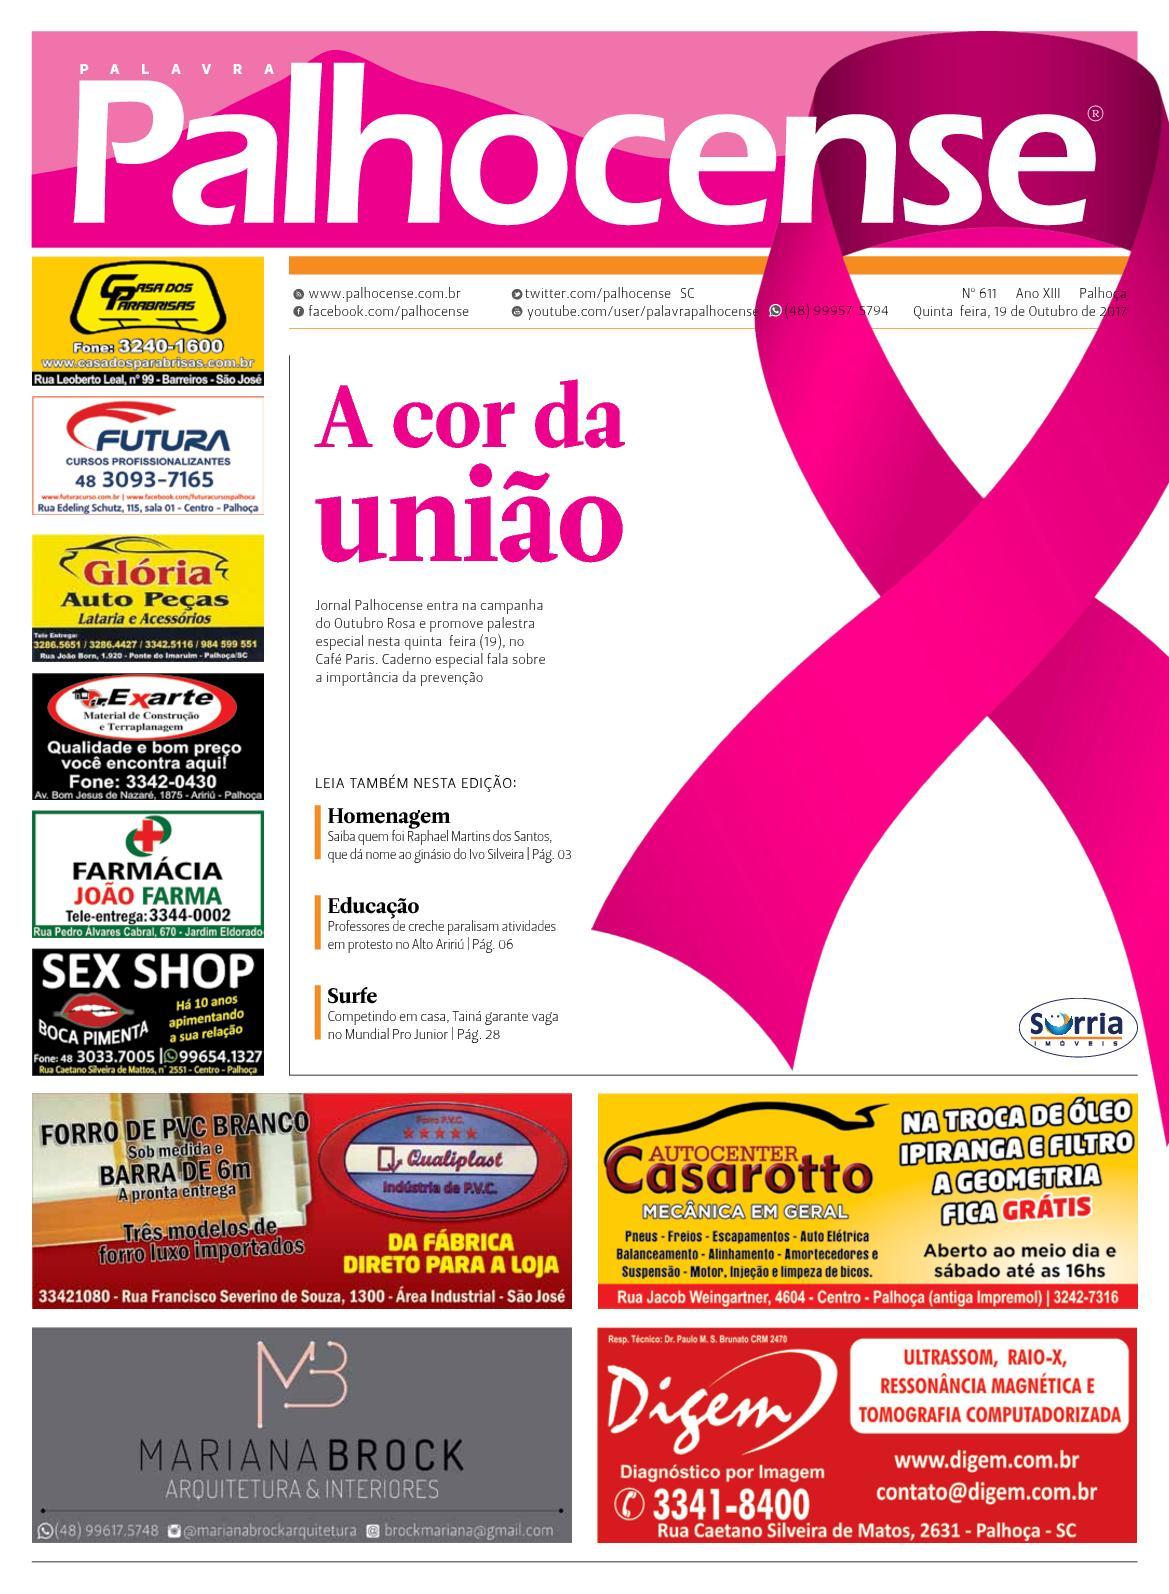 Calaméo - JORNAL PALAVRA PALHOCENSE - EDIÇÃO 611 ab53b91f47d74